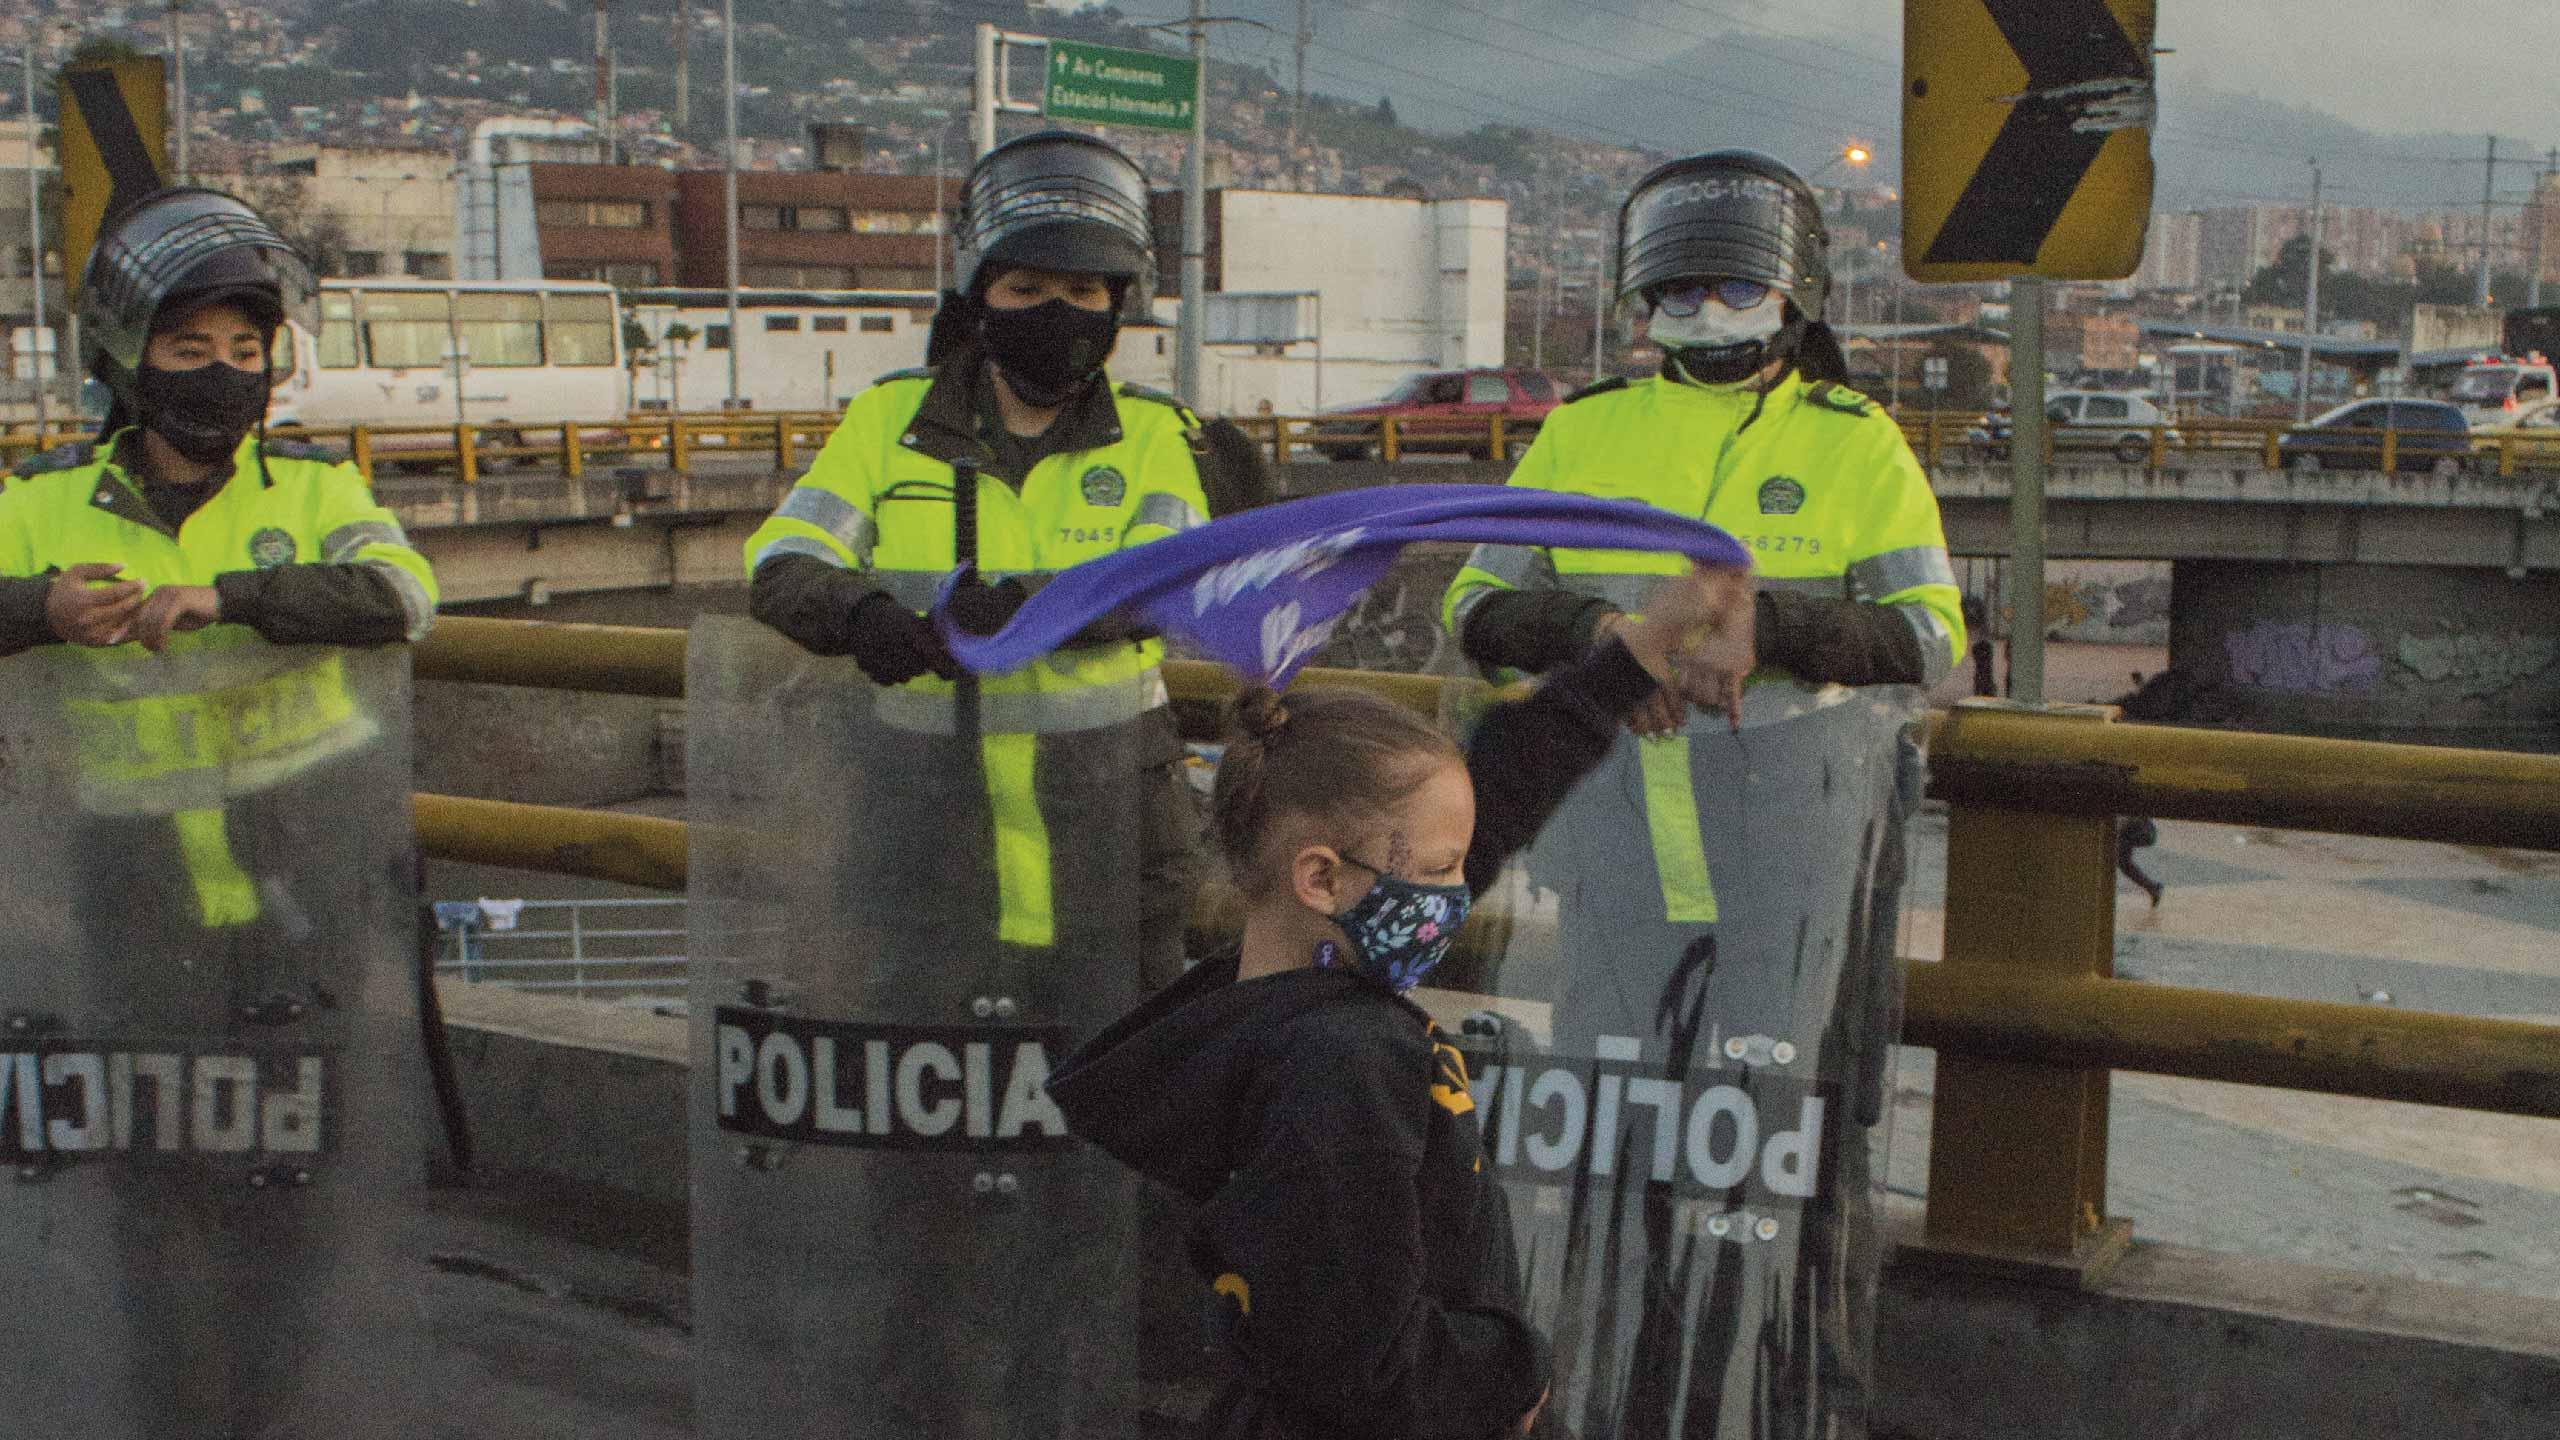 La reforma policial, una exigencia histórica de los feminismos